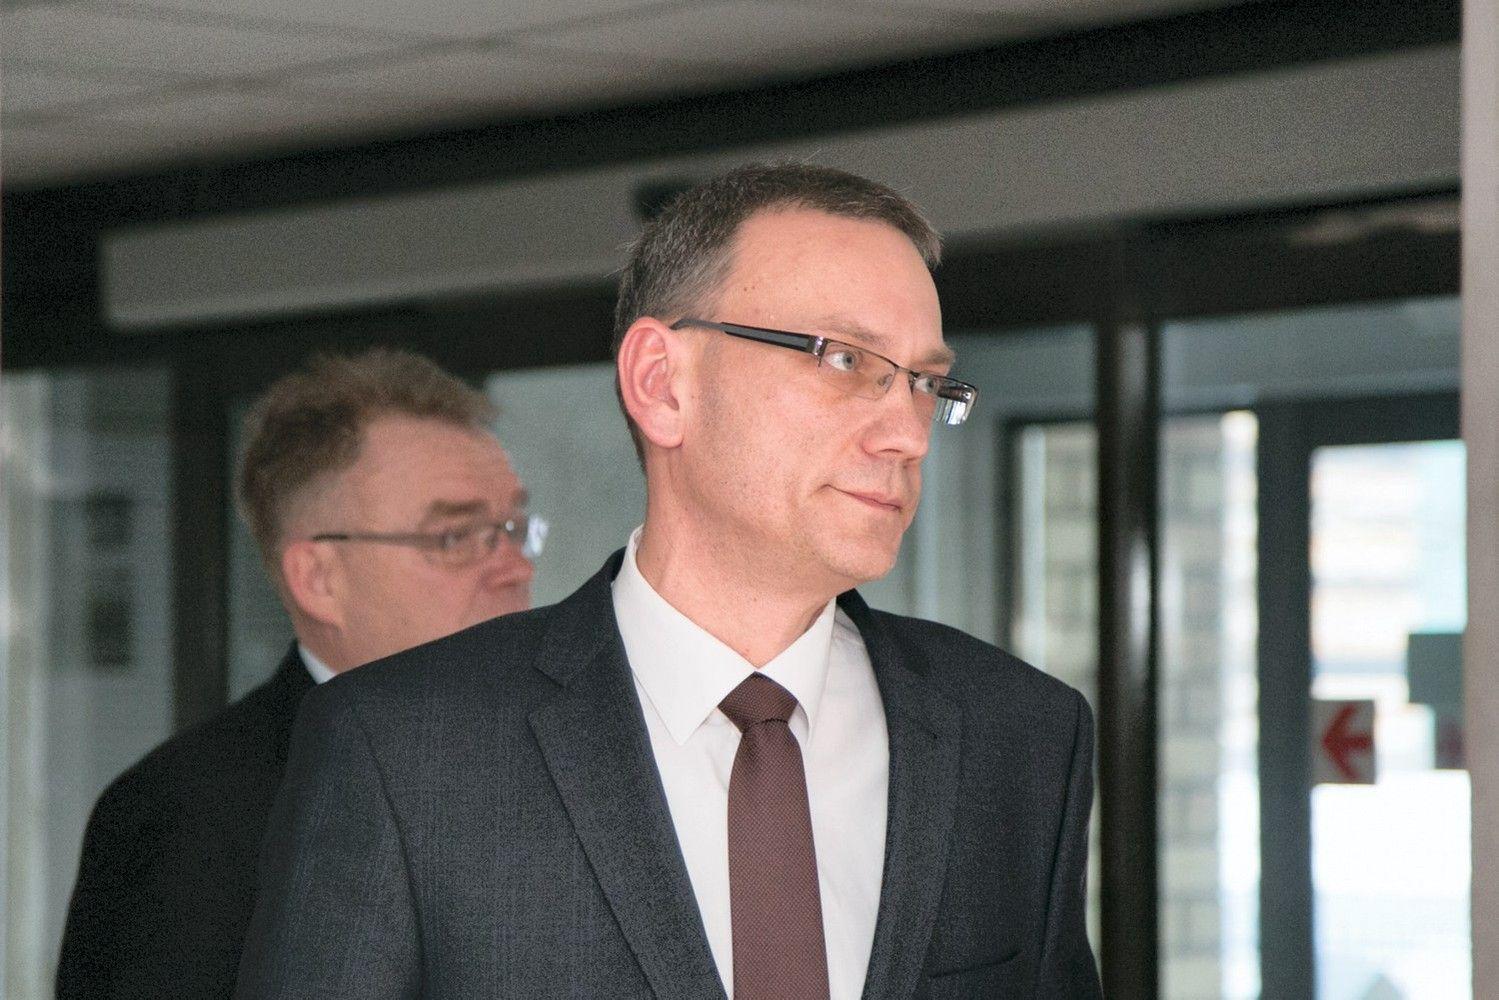 Sausio 13-osios bylą tyręs buvęs prokuroras S. Slapšinskas sulaukė kaltinimų Rusijoje